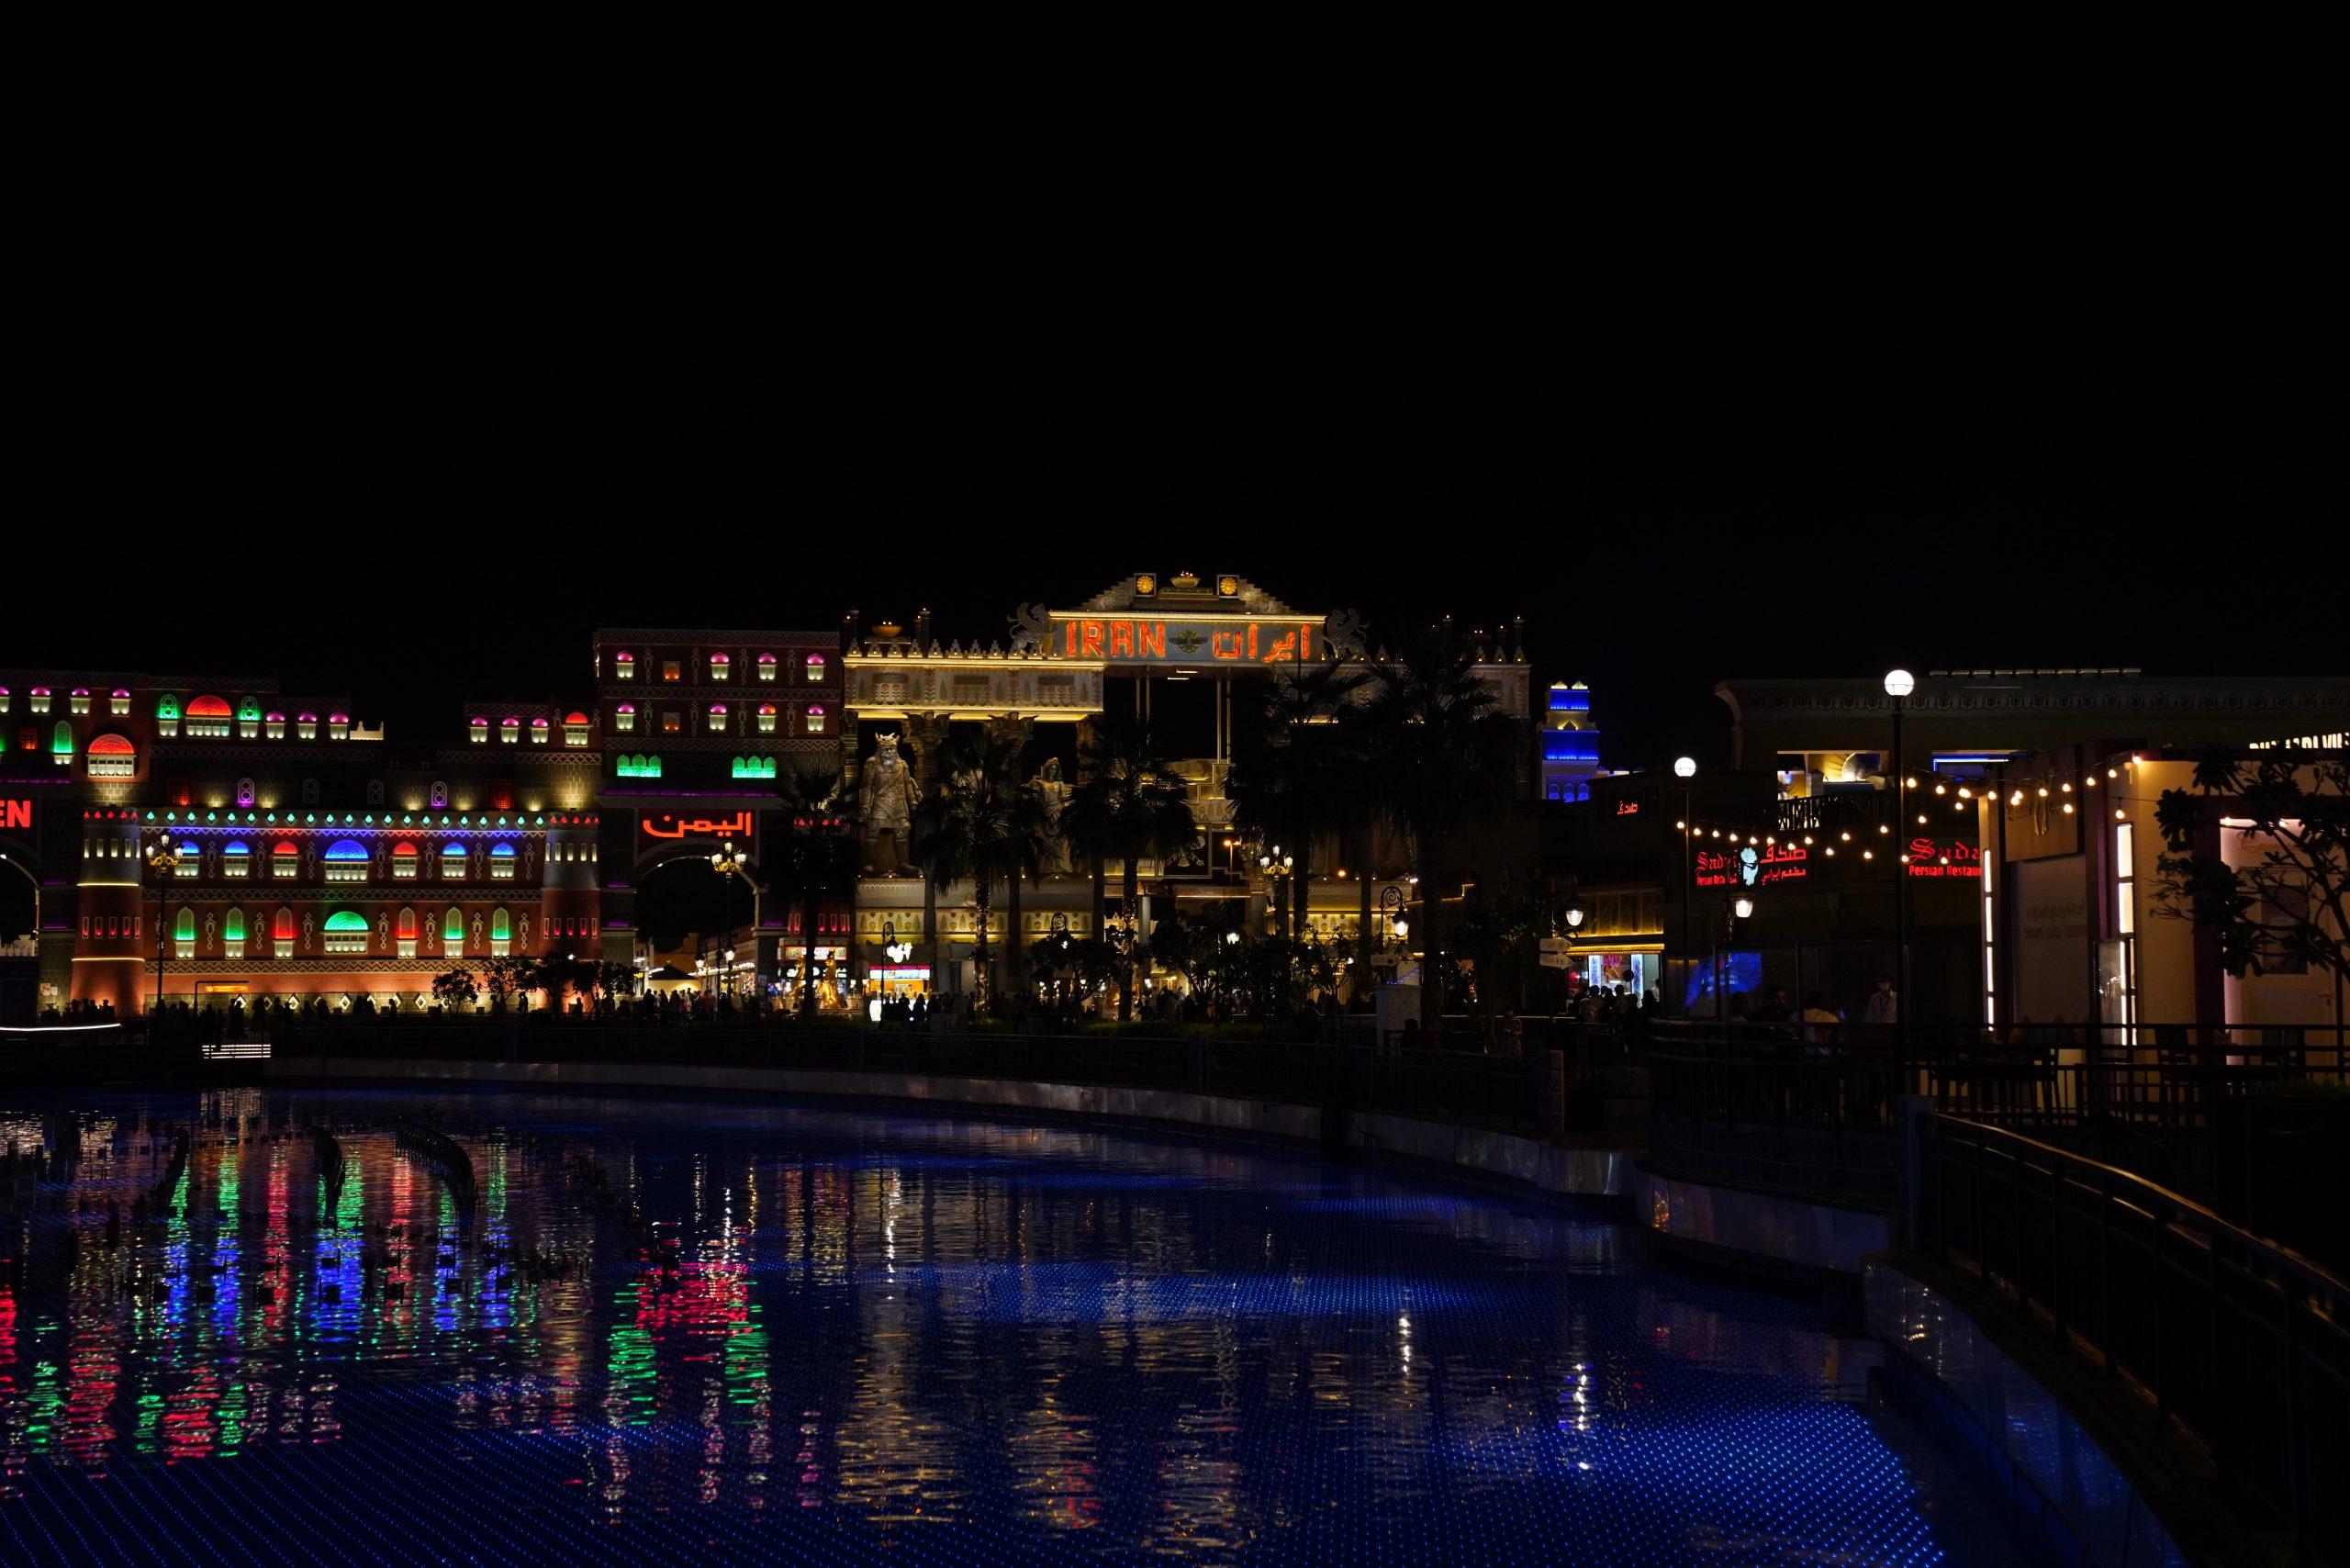 Night view from Dubai